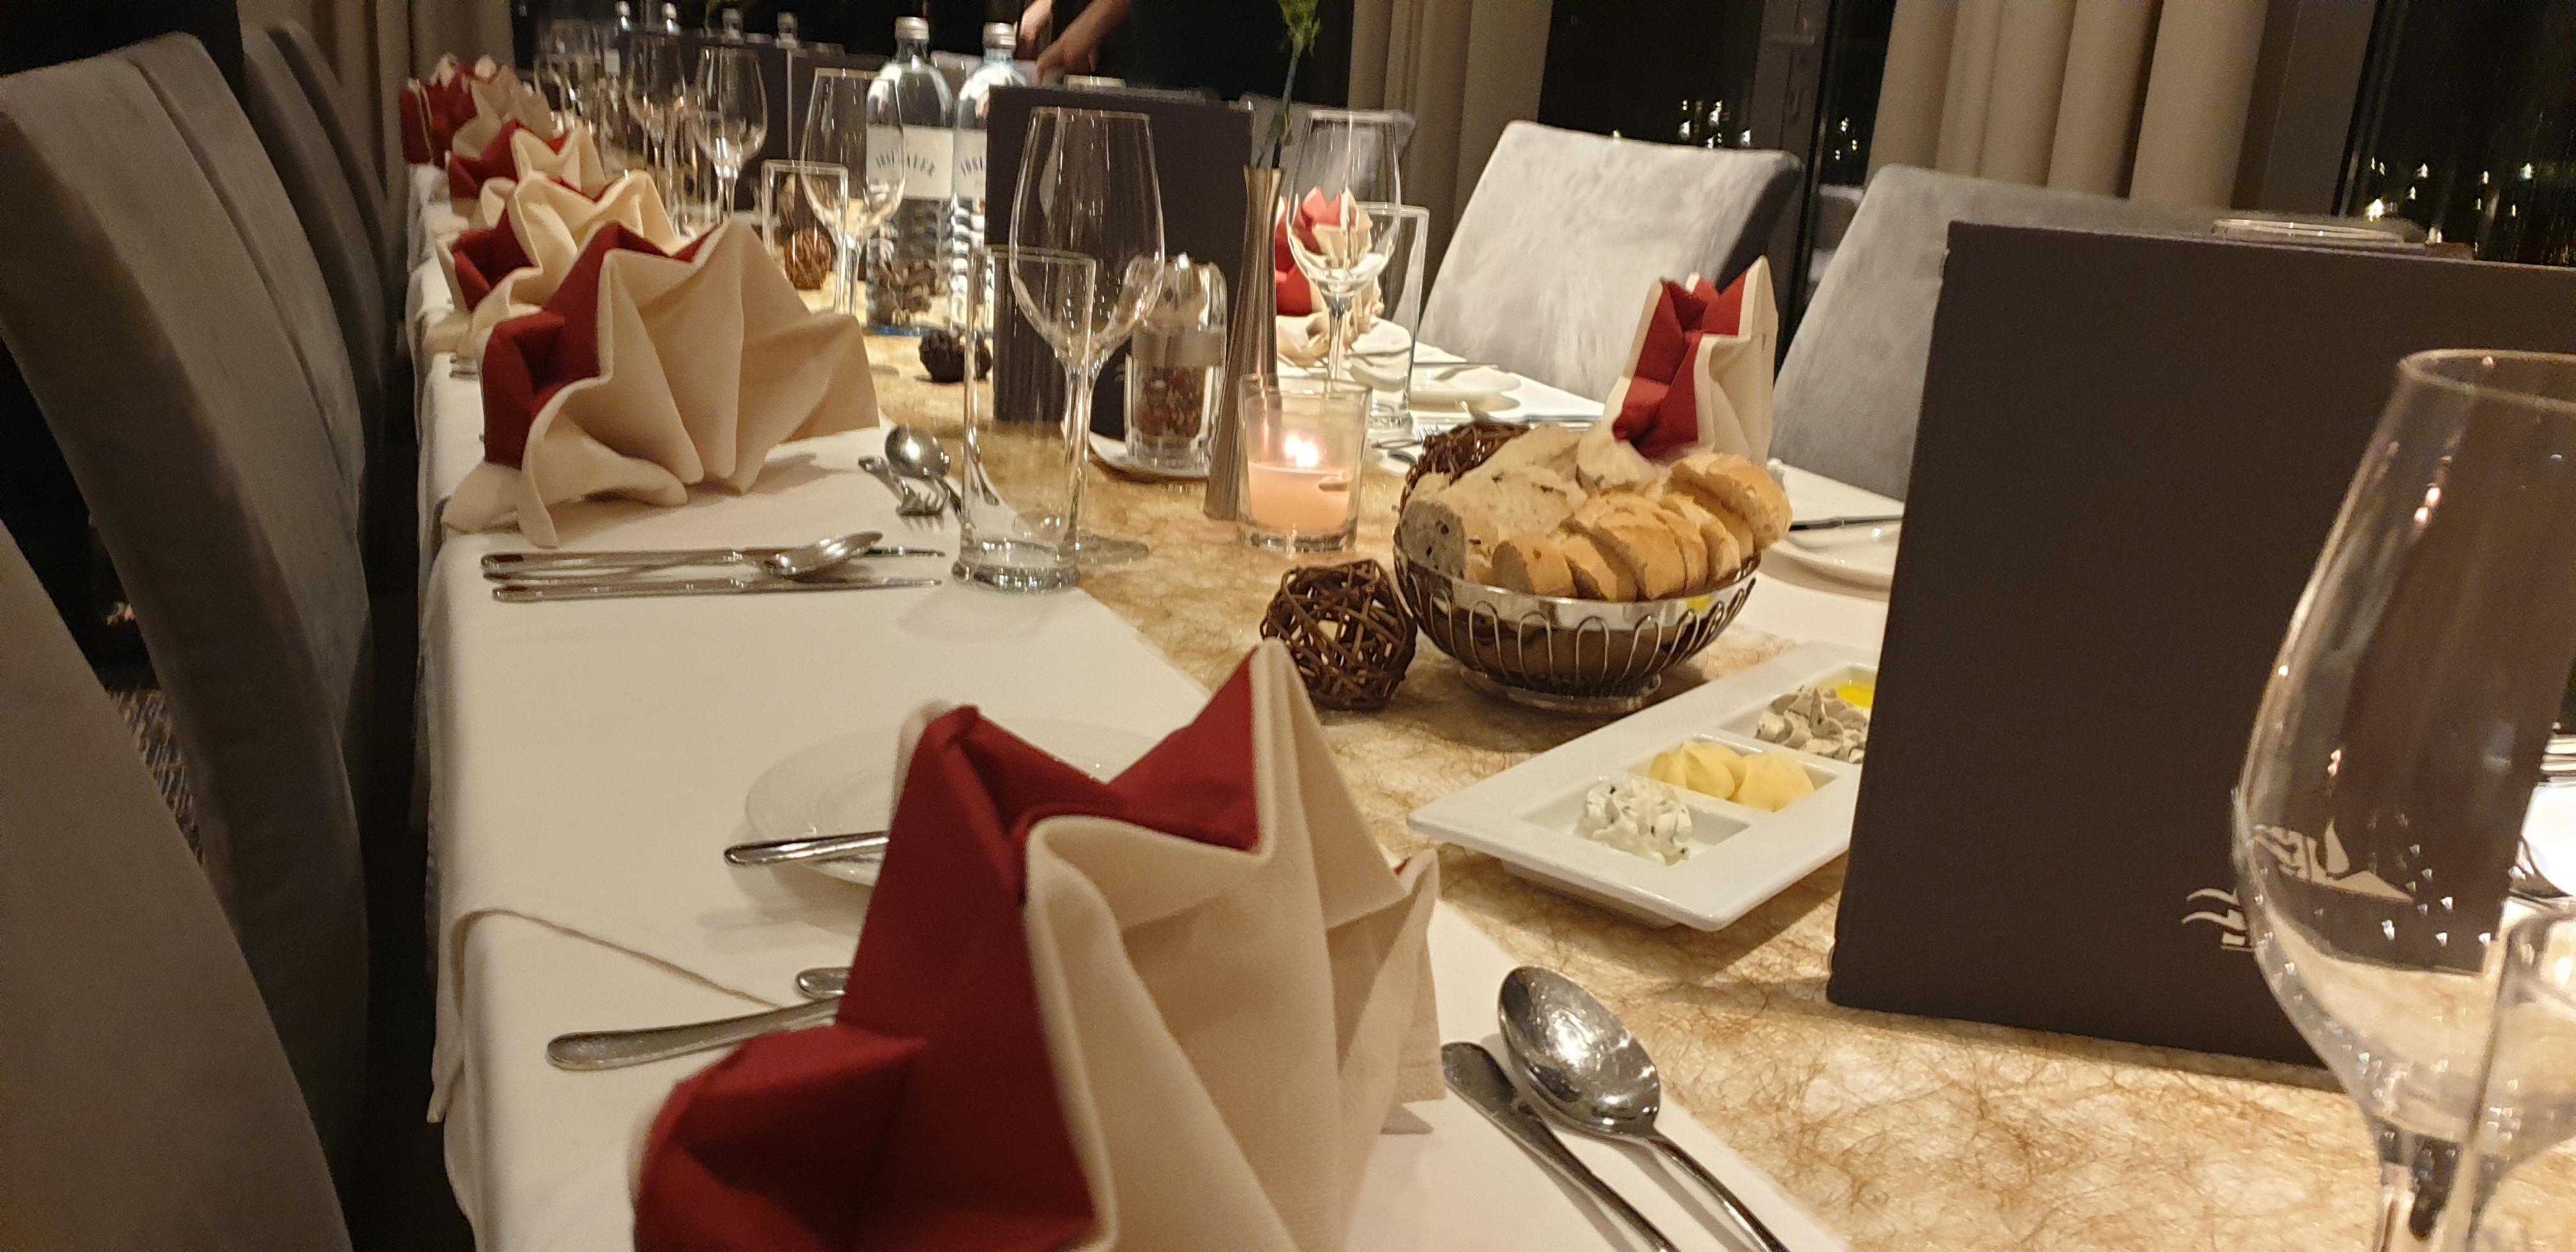 Weihnachtsfeier - gedeckter Tisch